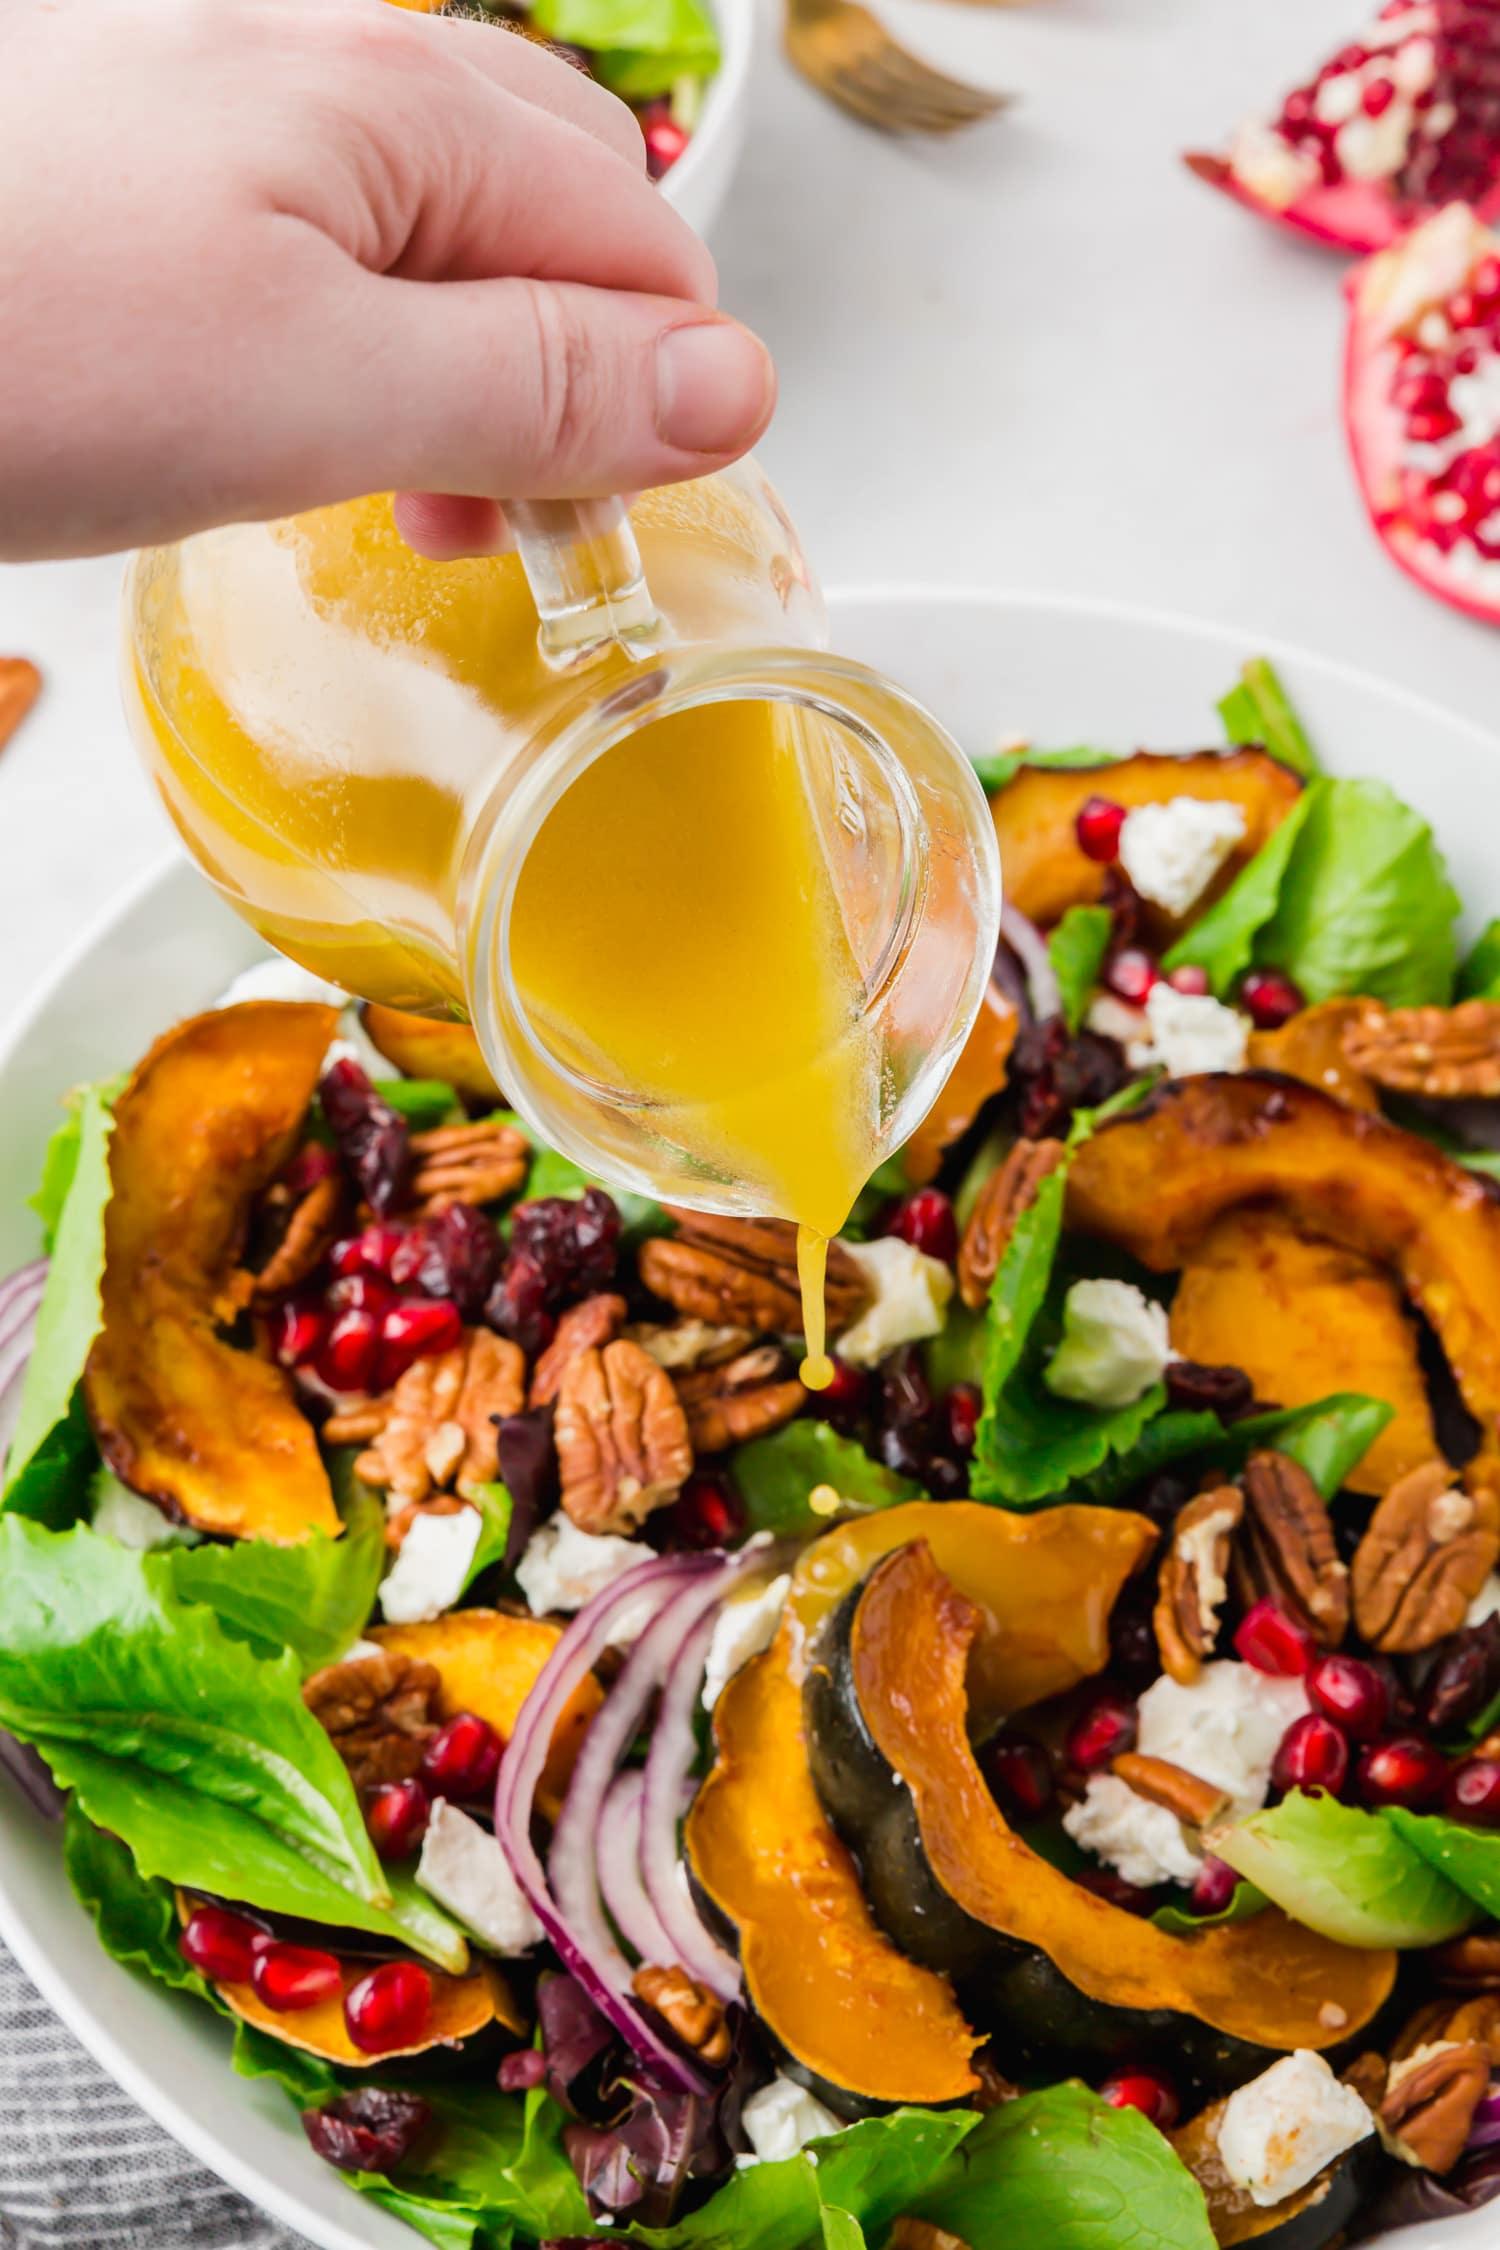 Apple cider vinaigrette being poured on acorn squash salad.